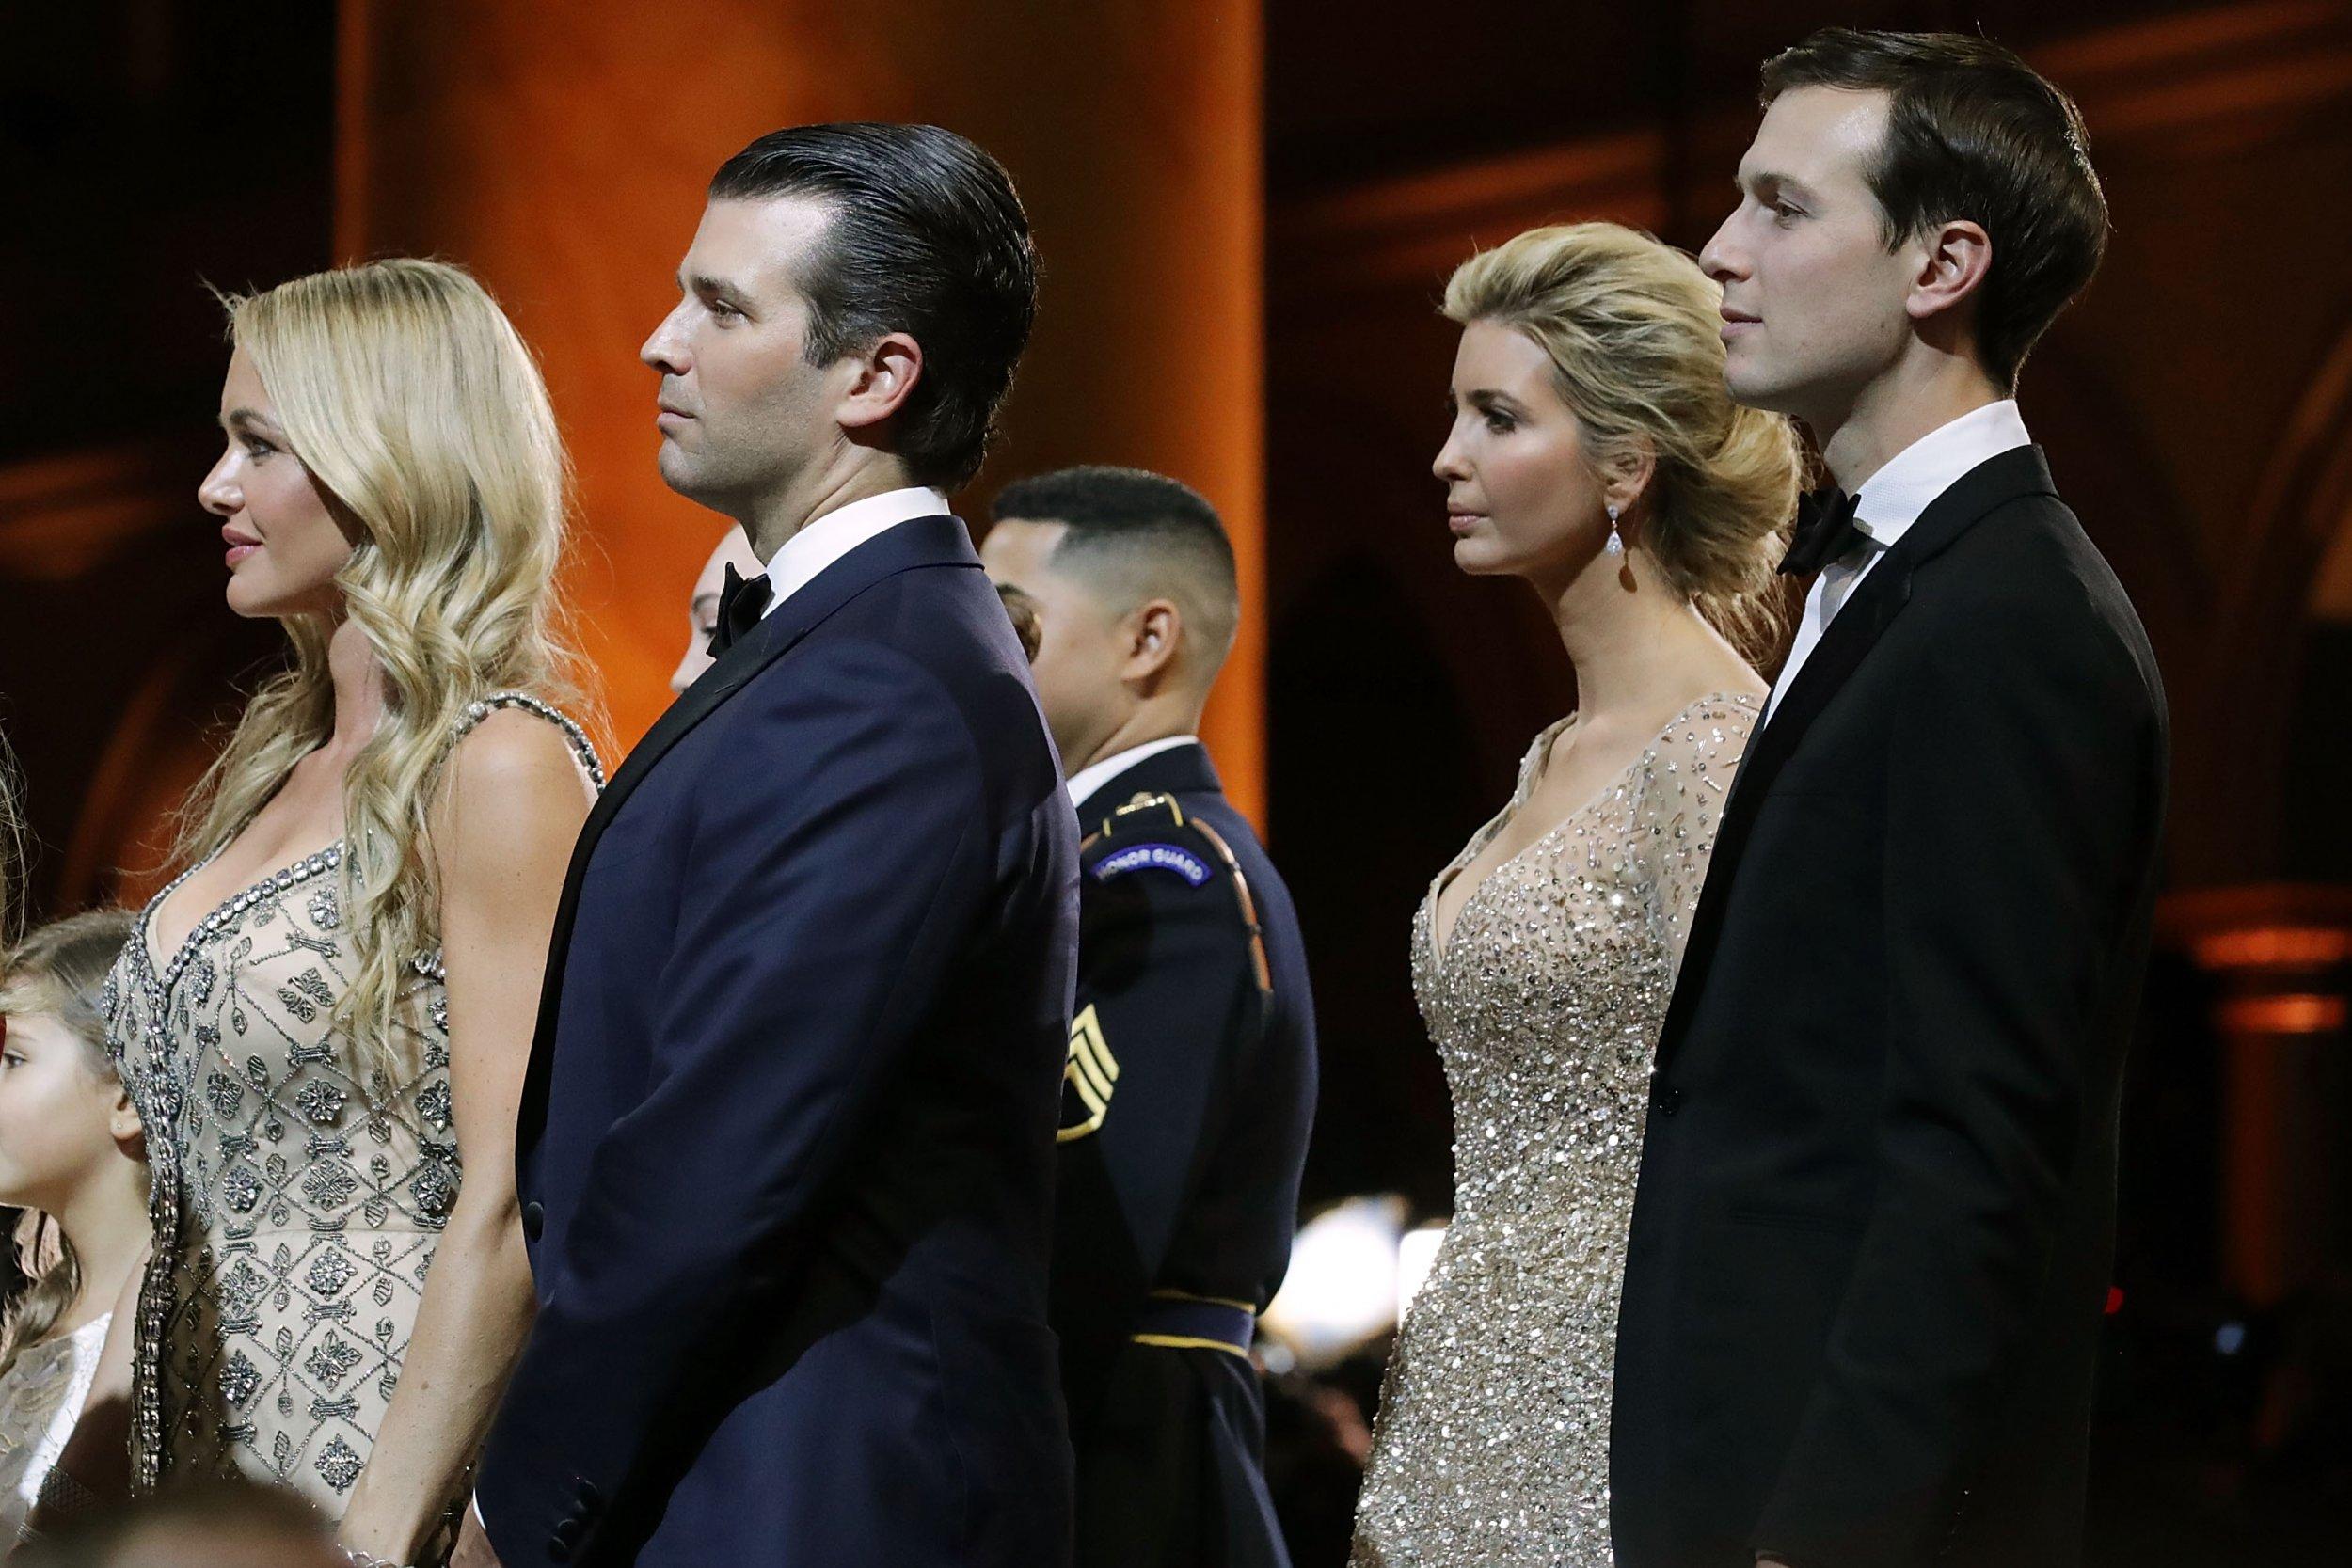 donald, trump, jr, jared, kushner, indicted, mueller